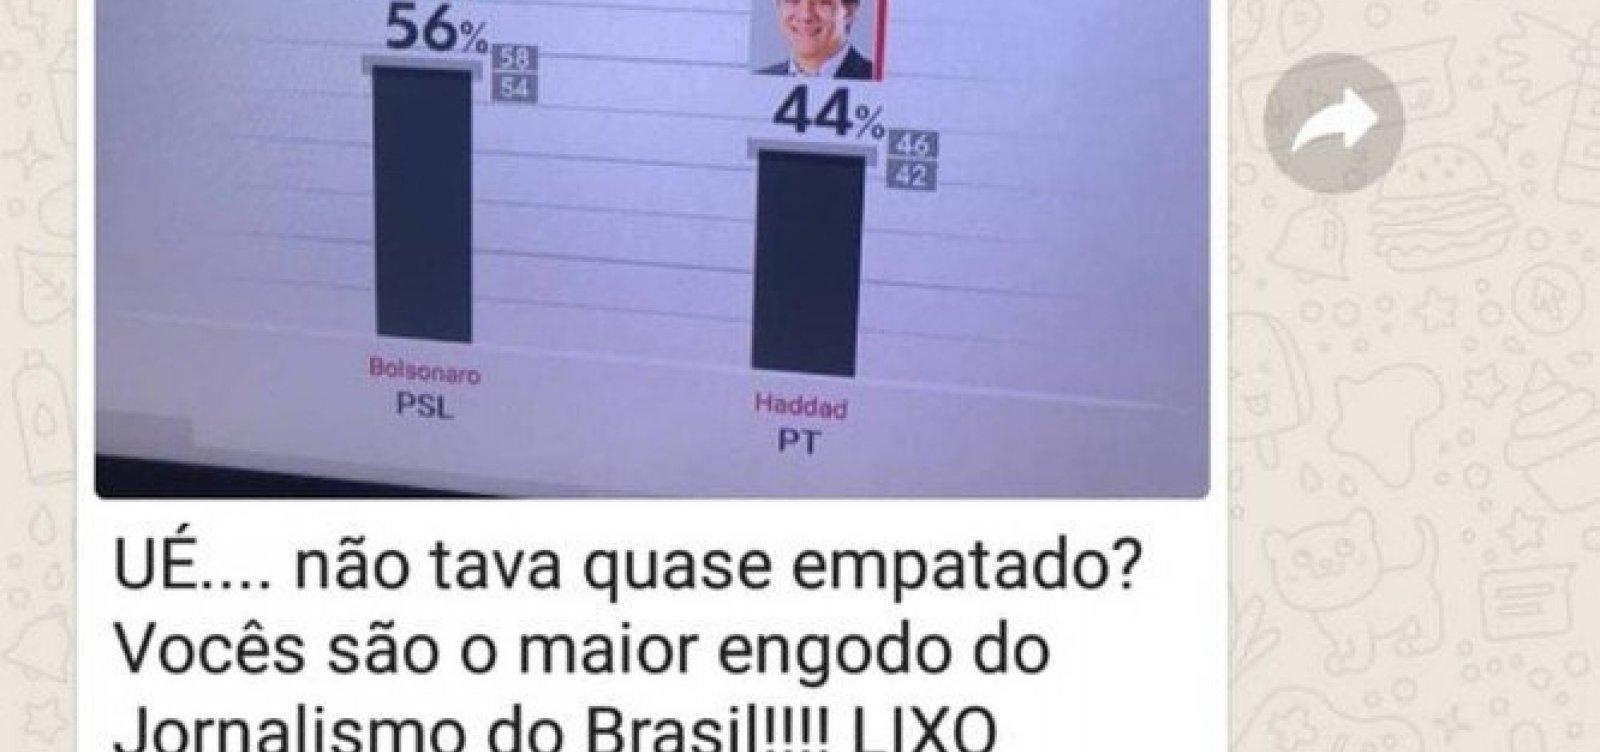 [Assessor de Bolsonaro chama jornalistas de 'lixo' após vitória]